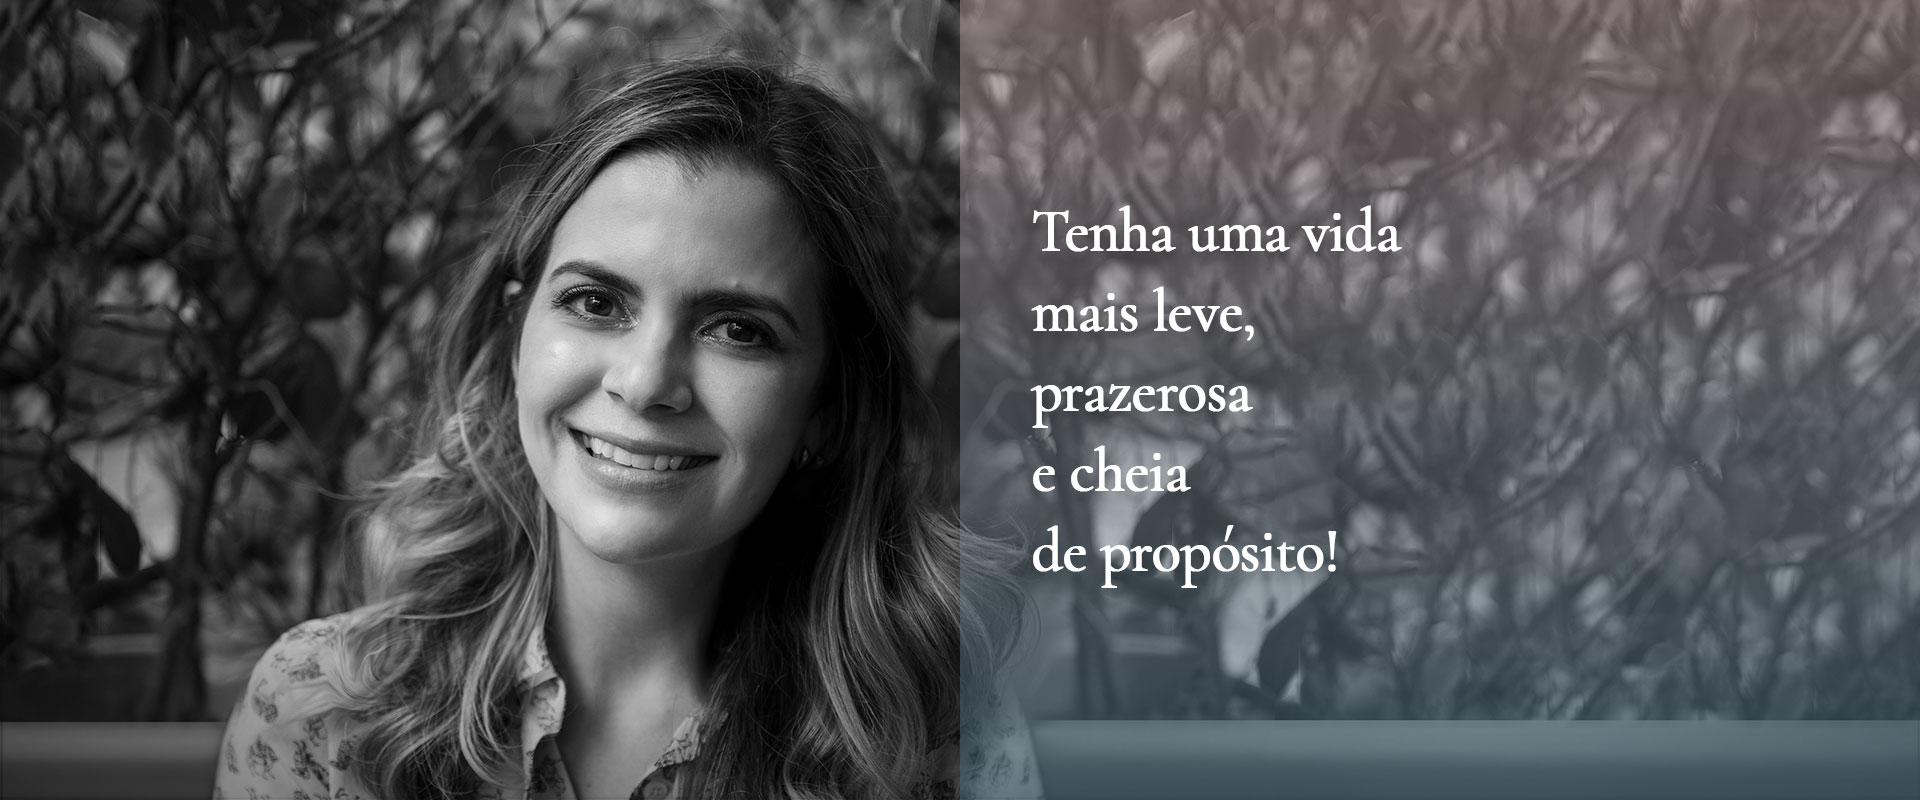 paula braga coaching, coaching profissional, coaching epssoal, coaching academico, mba, essay